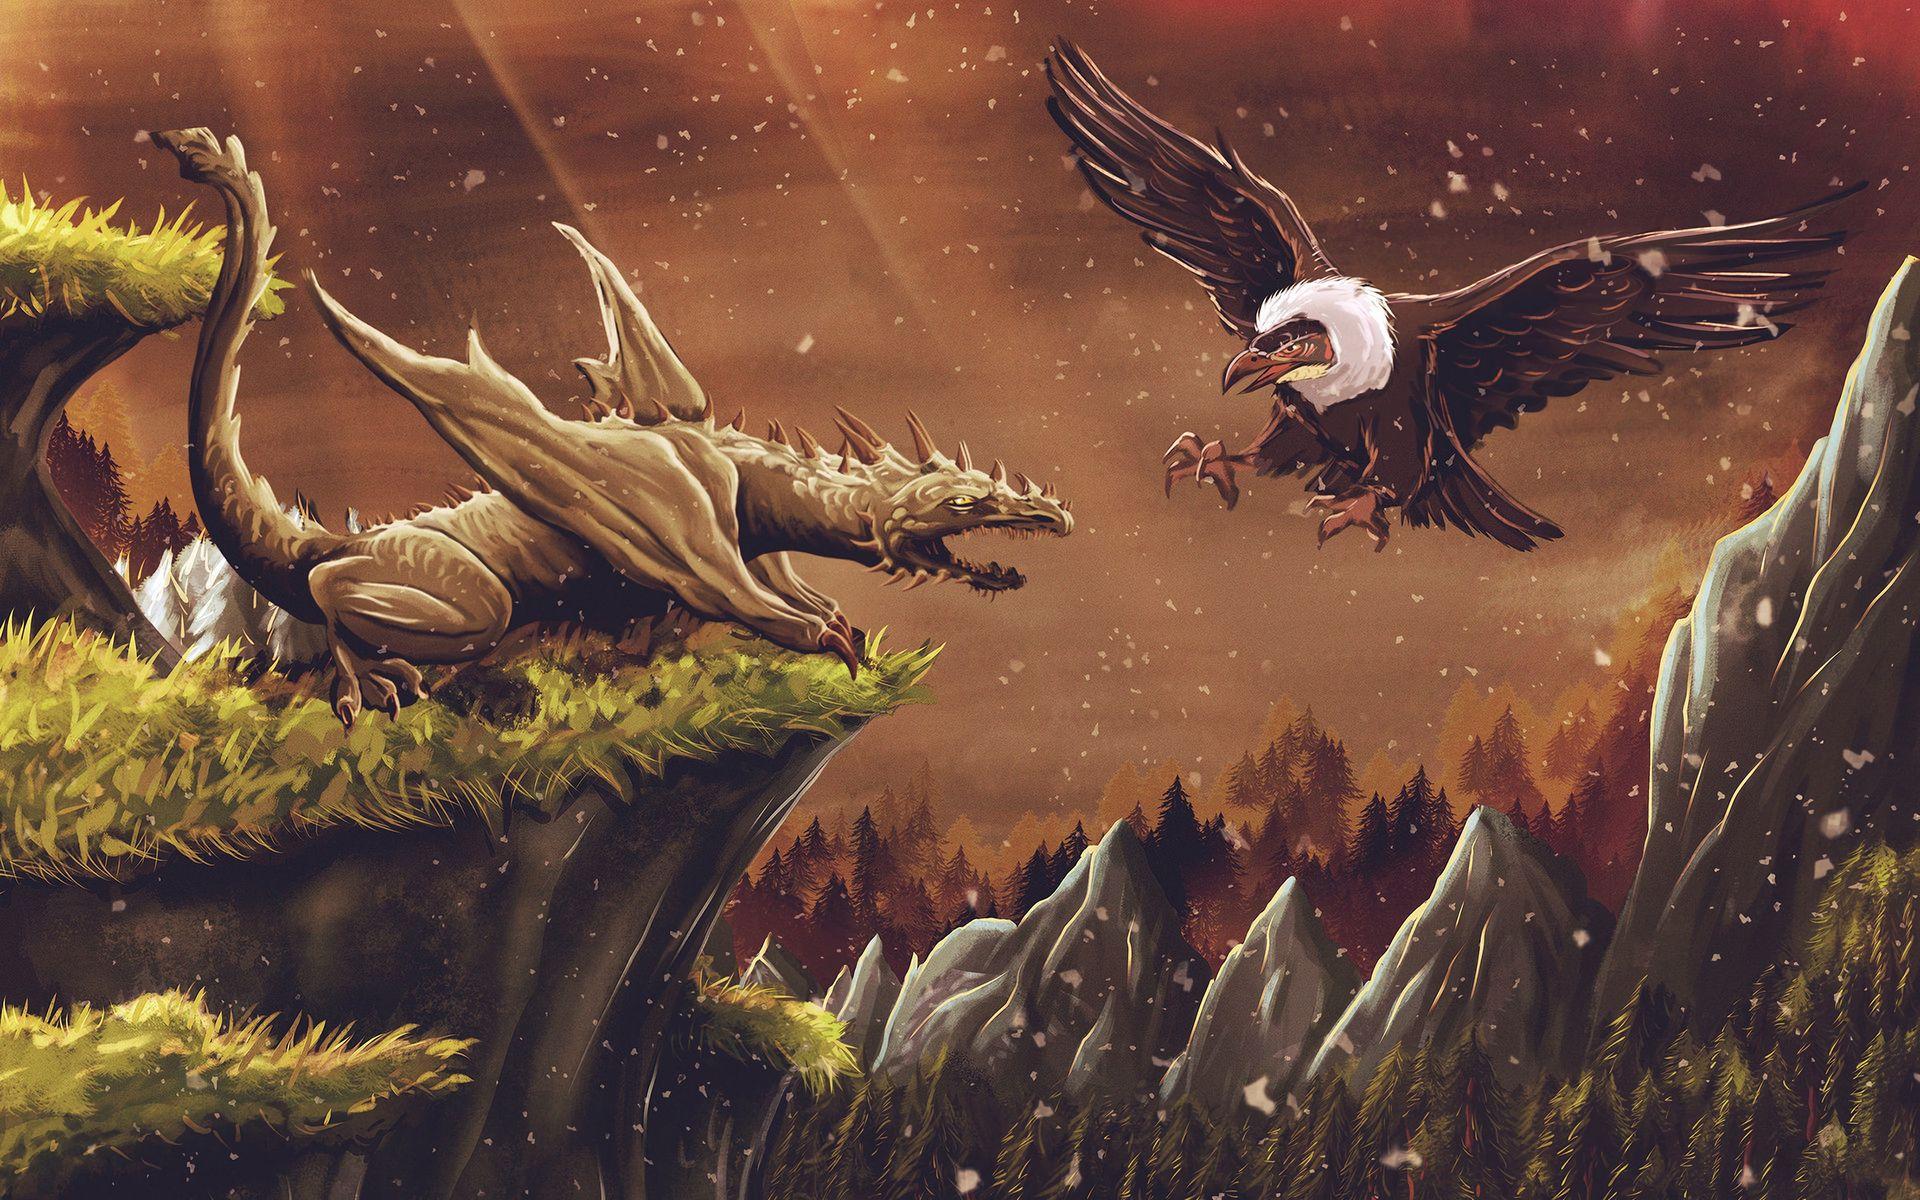 1920x1200 Wallpaper dragon, vulture, bird, art, fiction